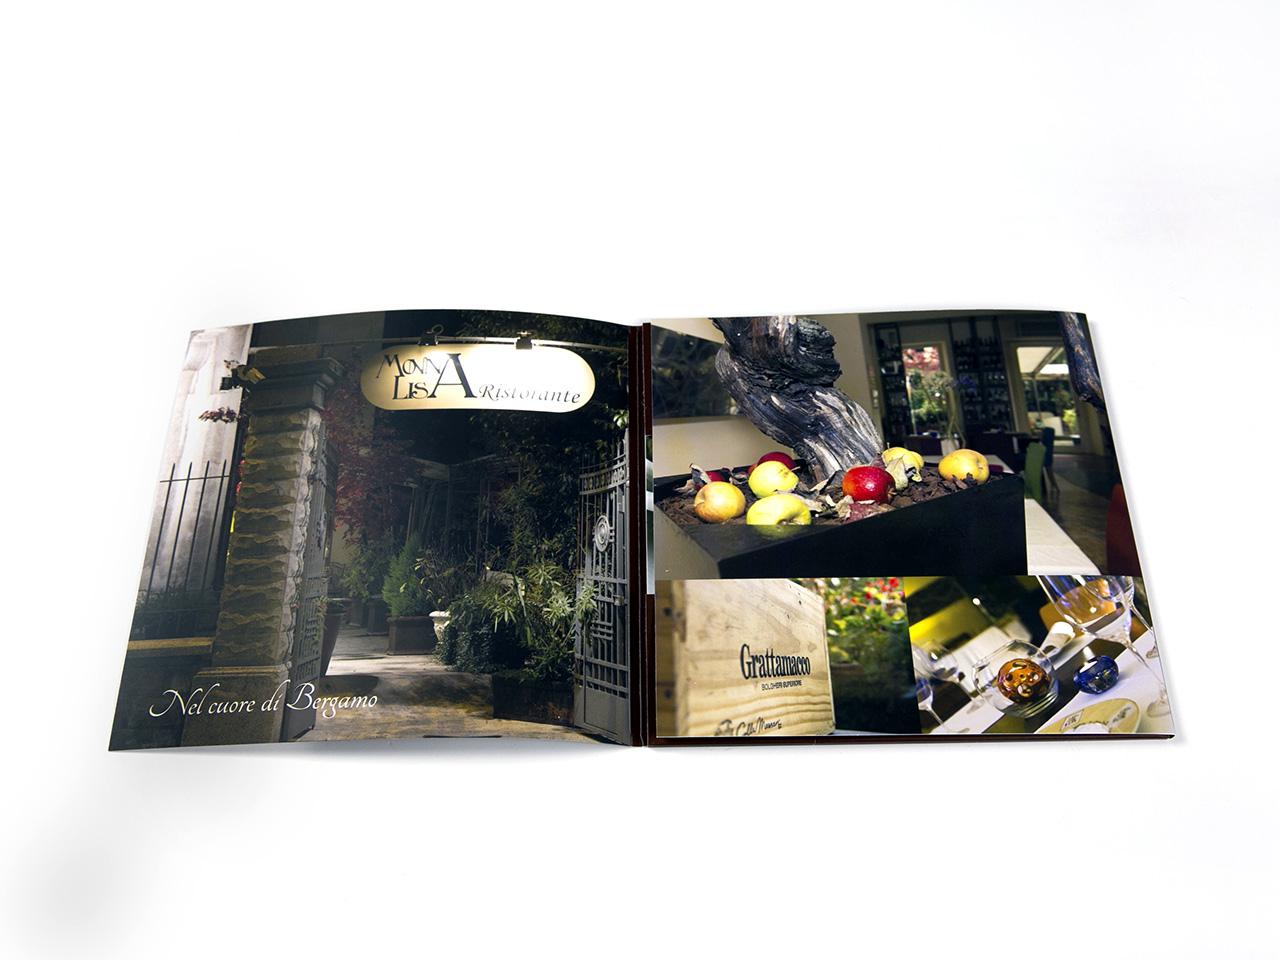 DVD_packaging_06